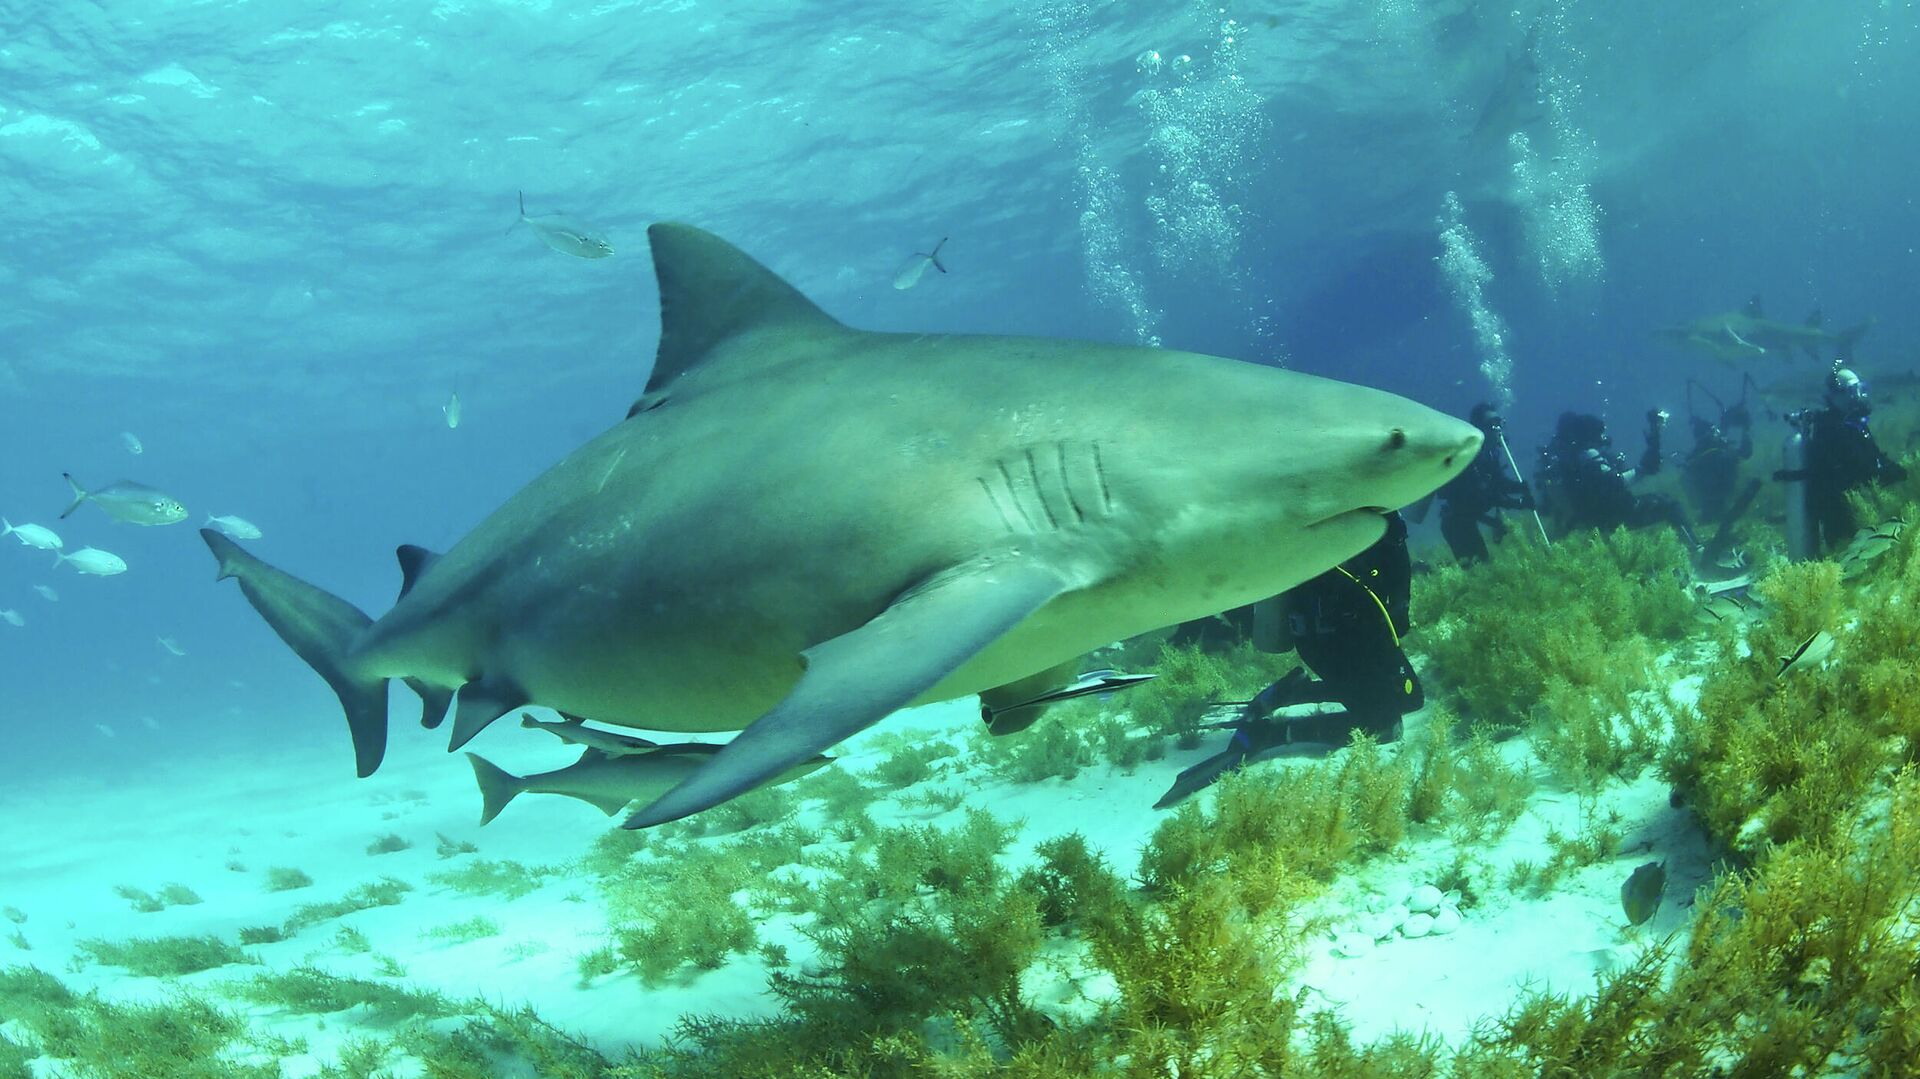 1578068982 0:235:2500:1641 1920x0 80 0 0 9ec8a3f22c82ec49b85e8945bb9f4568 - В США беременная туристка помогла спасти своего мужа от агрессивной акулы